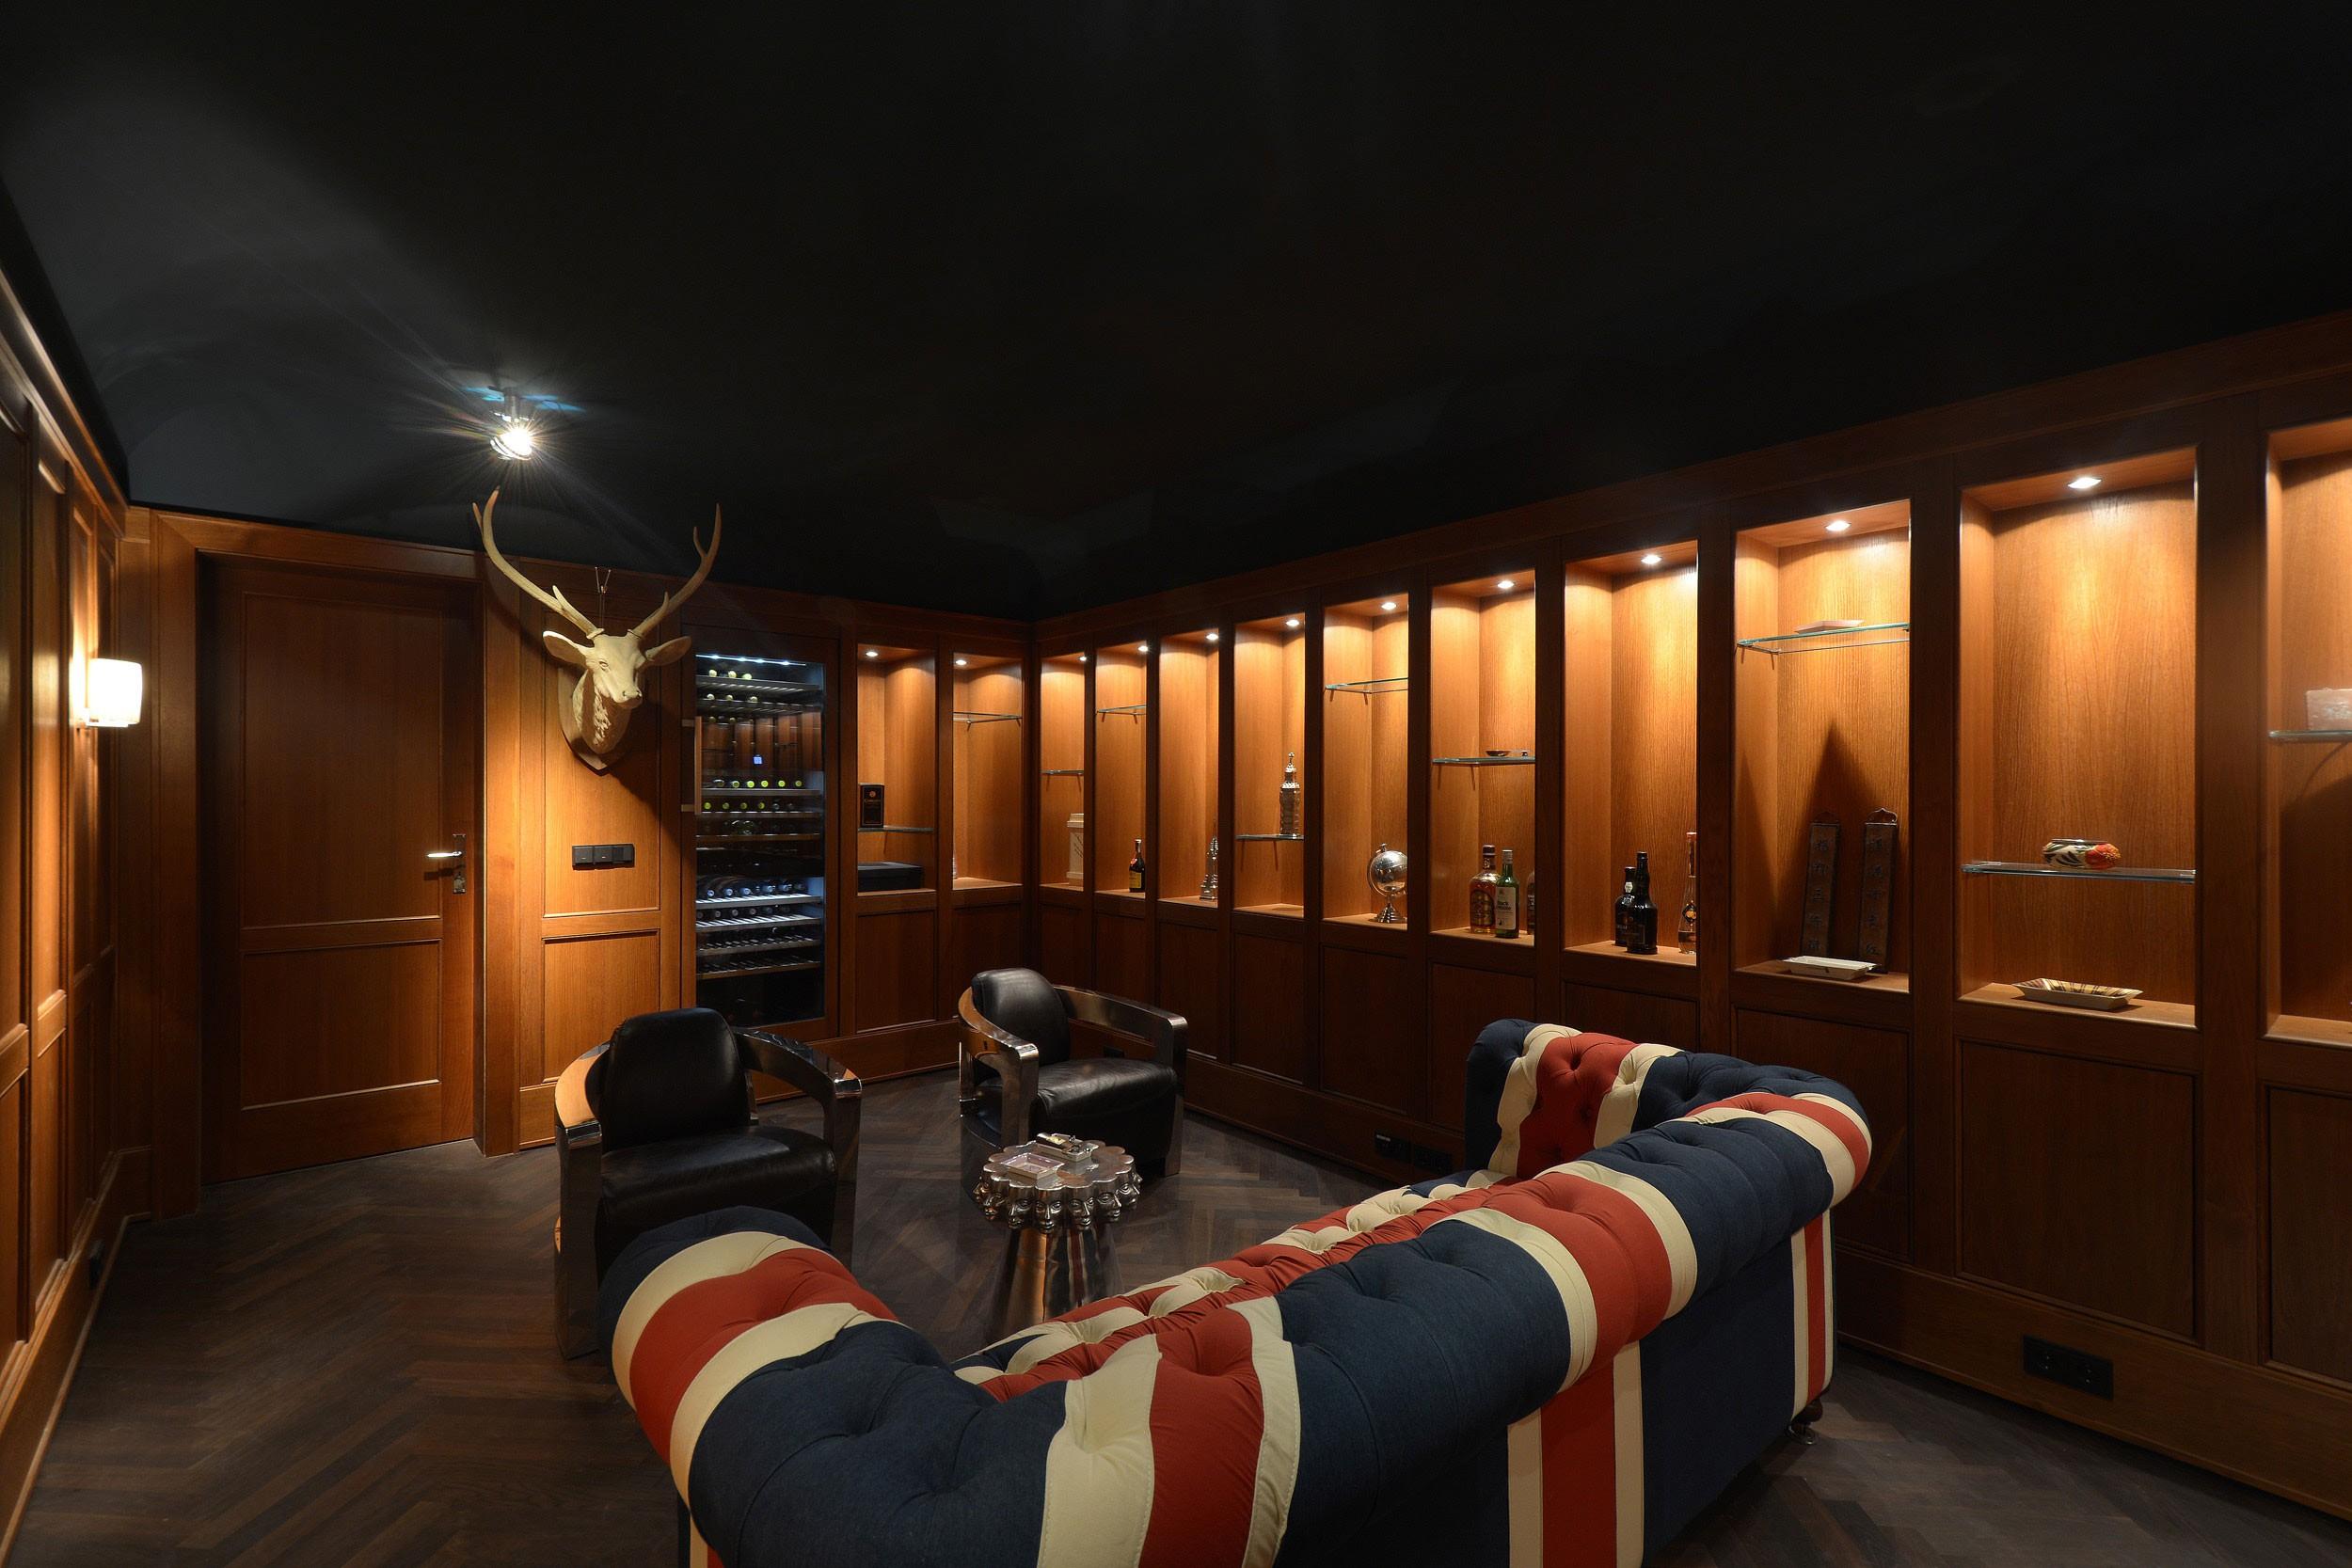 Neubau klassizistische Villa - In der Raucherlounge im Souterrain werden im Ambiente eines Members-Clubs in dunkler Wandvertäfelung Zigarren geraucht.